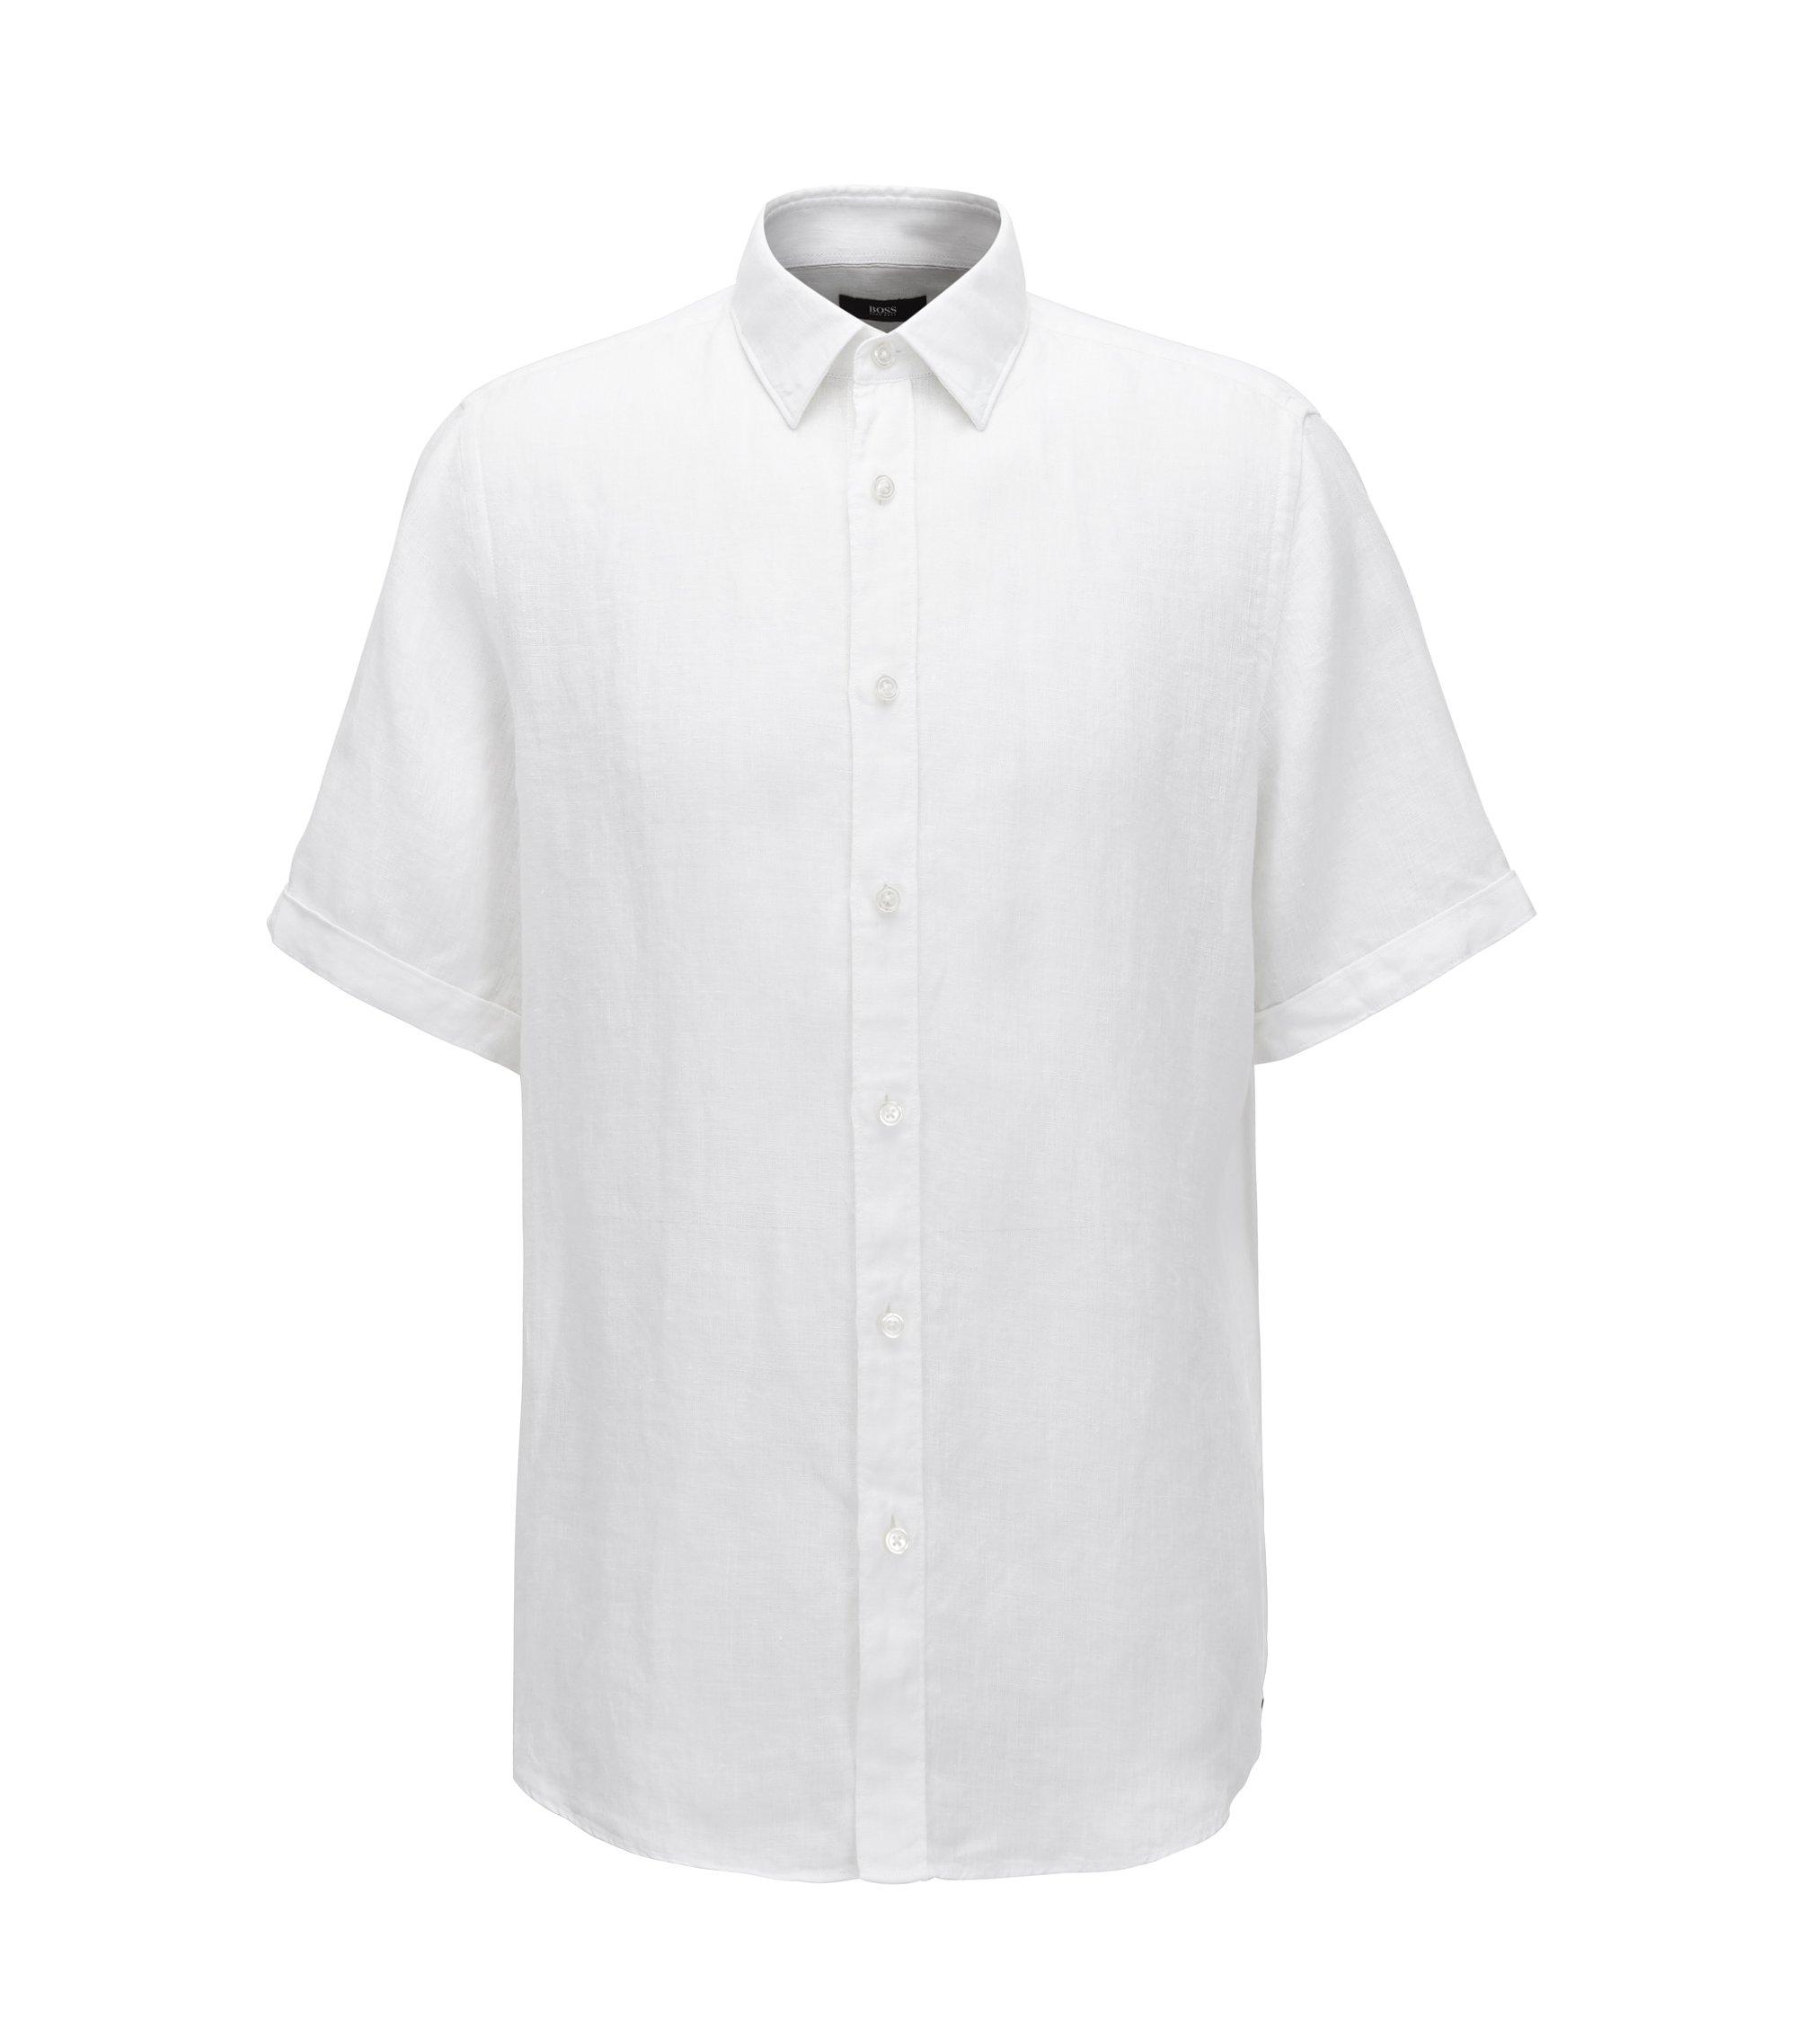 Regular-fit overhemd met korte mouwen in gewassen Italiaans linnen, Wit